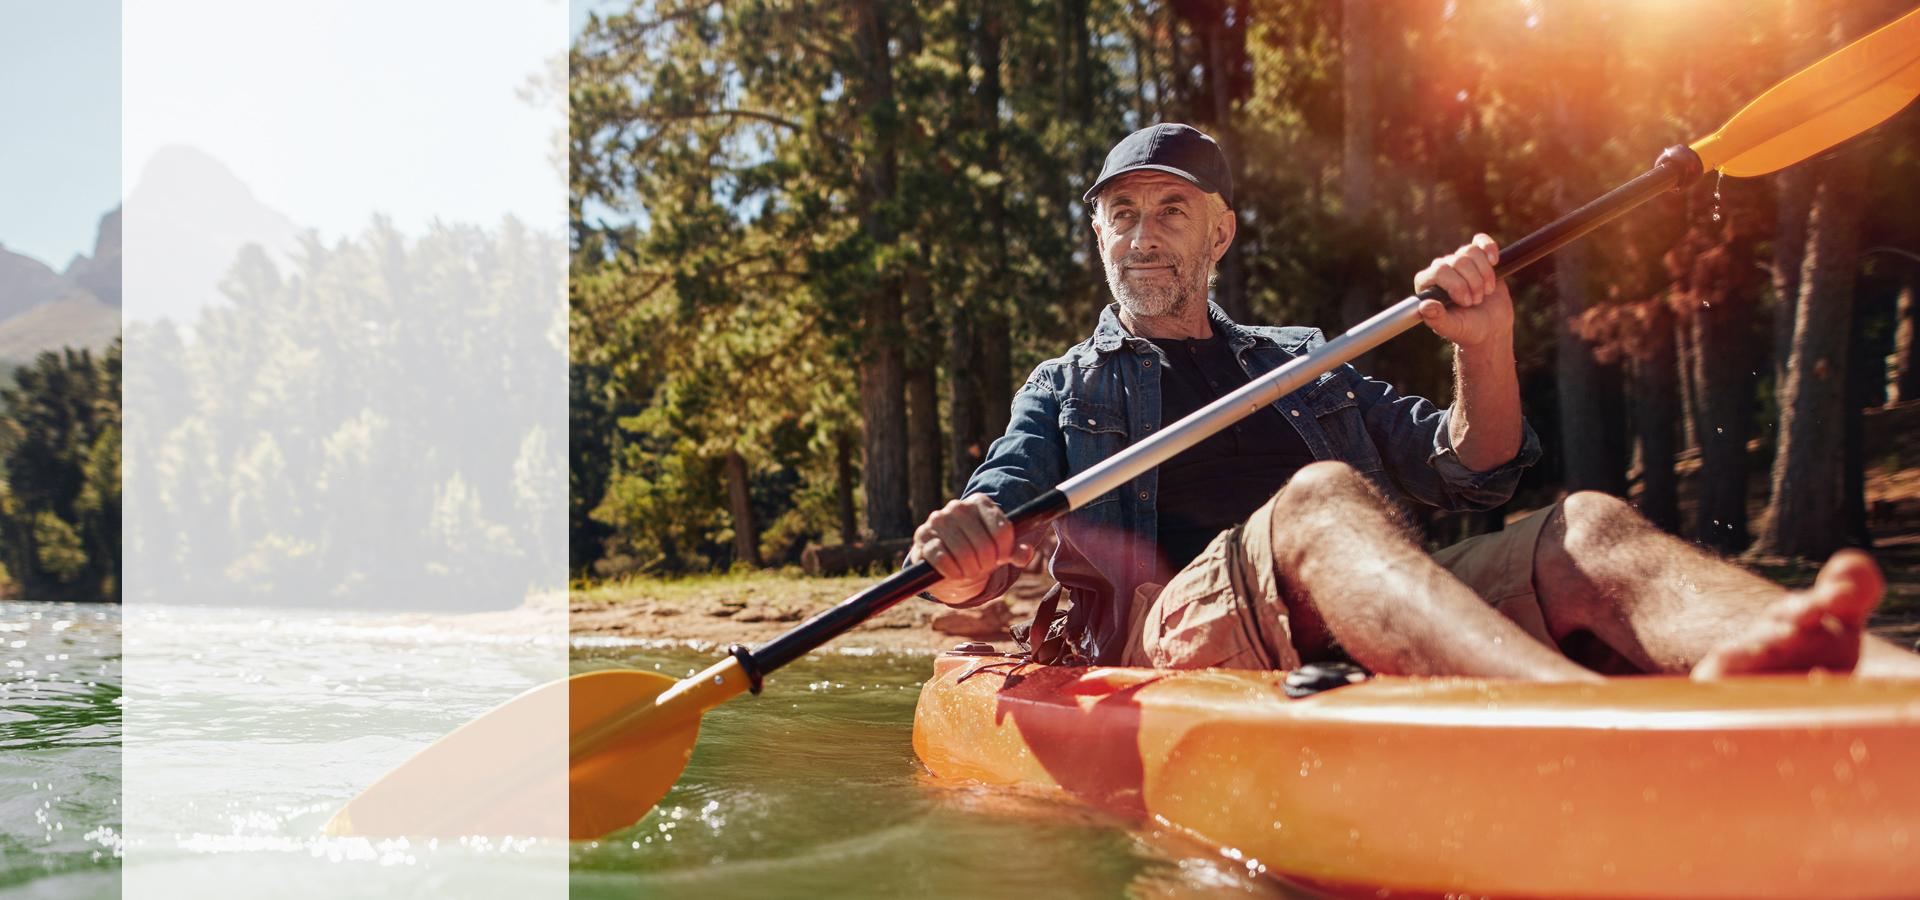 Canoe Slider